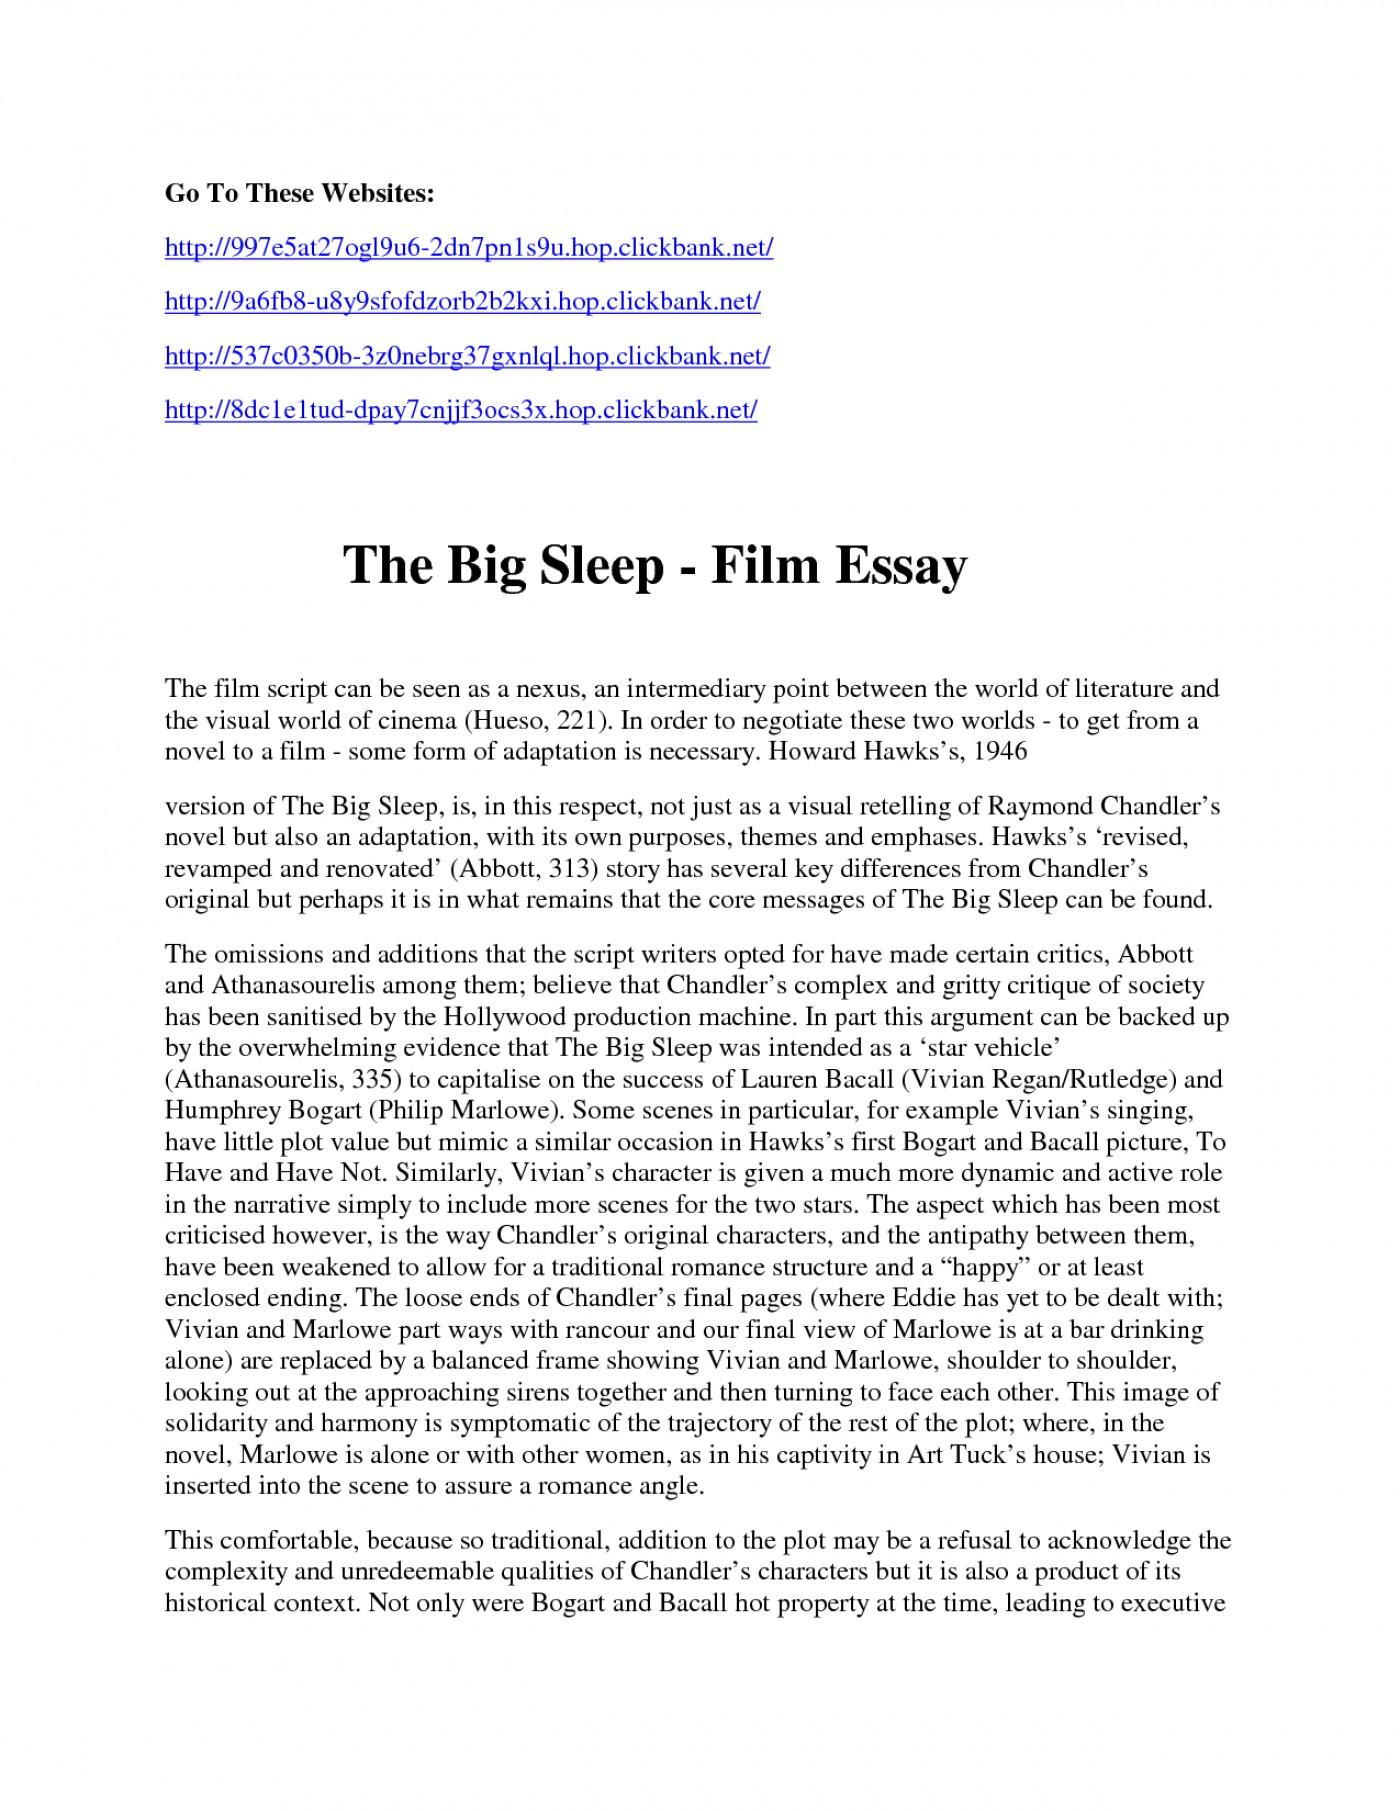 Food inc summary essay